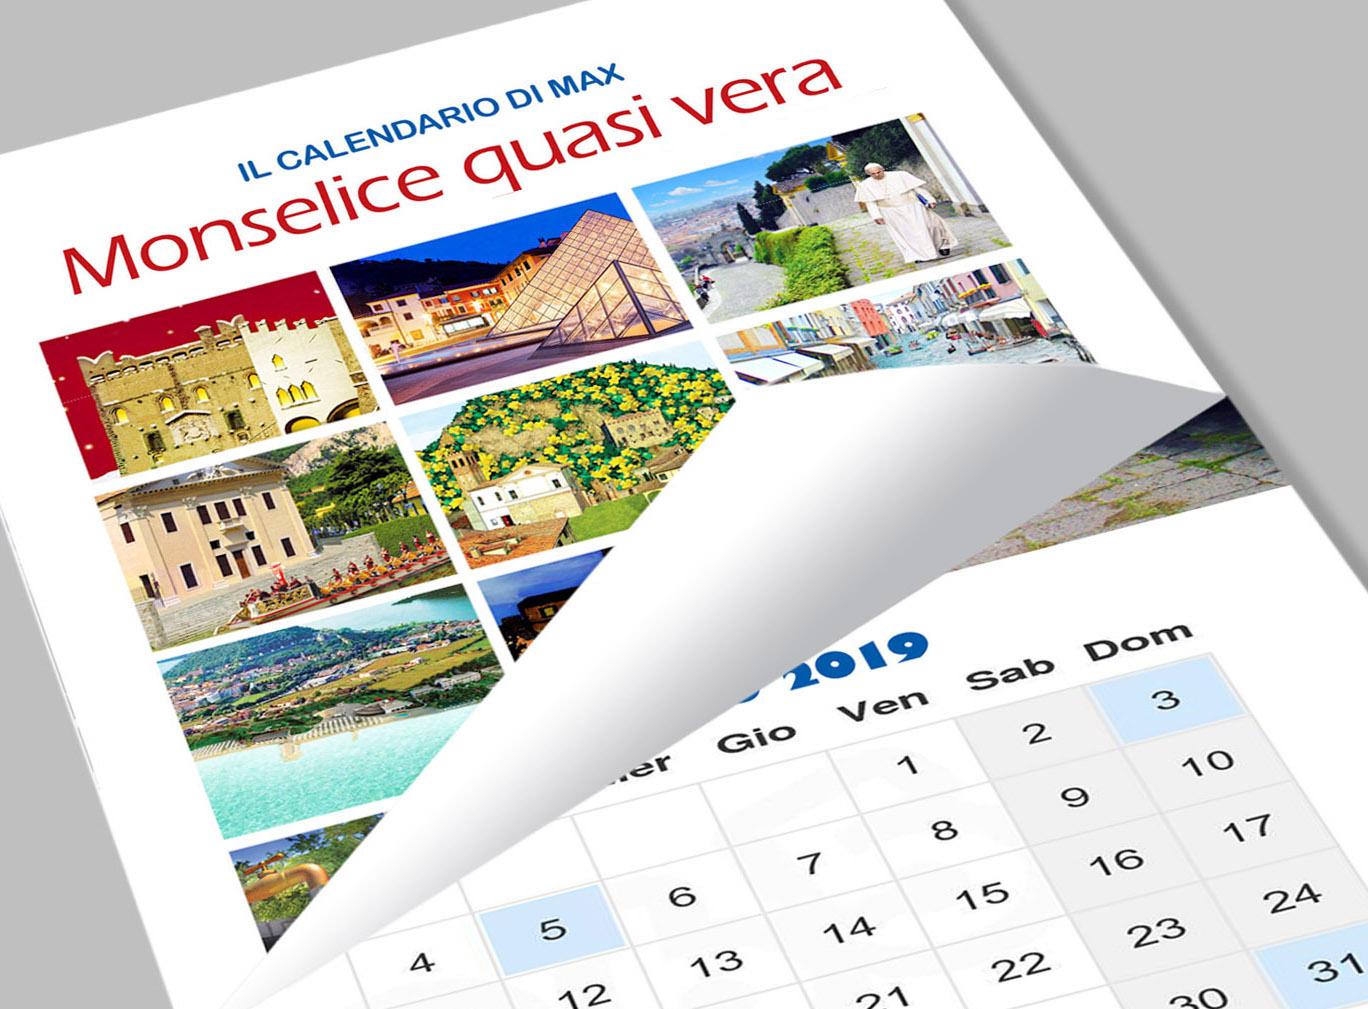 Indulgenze Plenarie Calendario.Il Calendario 2019 Di Max Monselice Quasi Vera Monselice